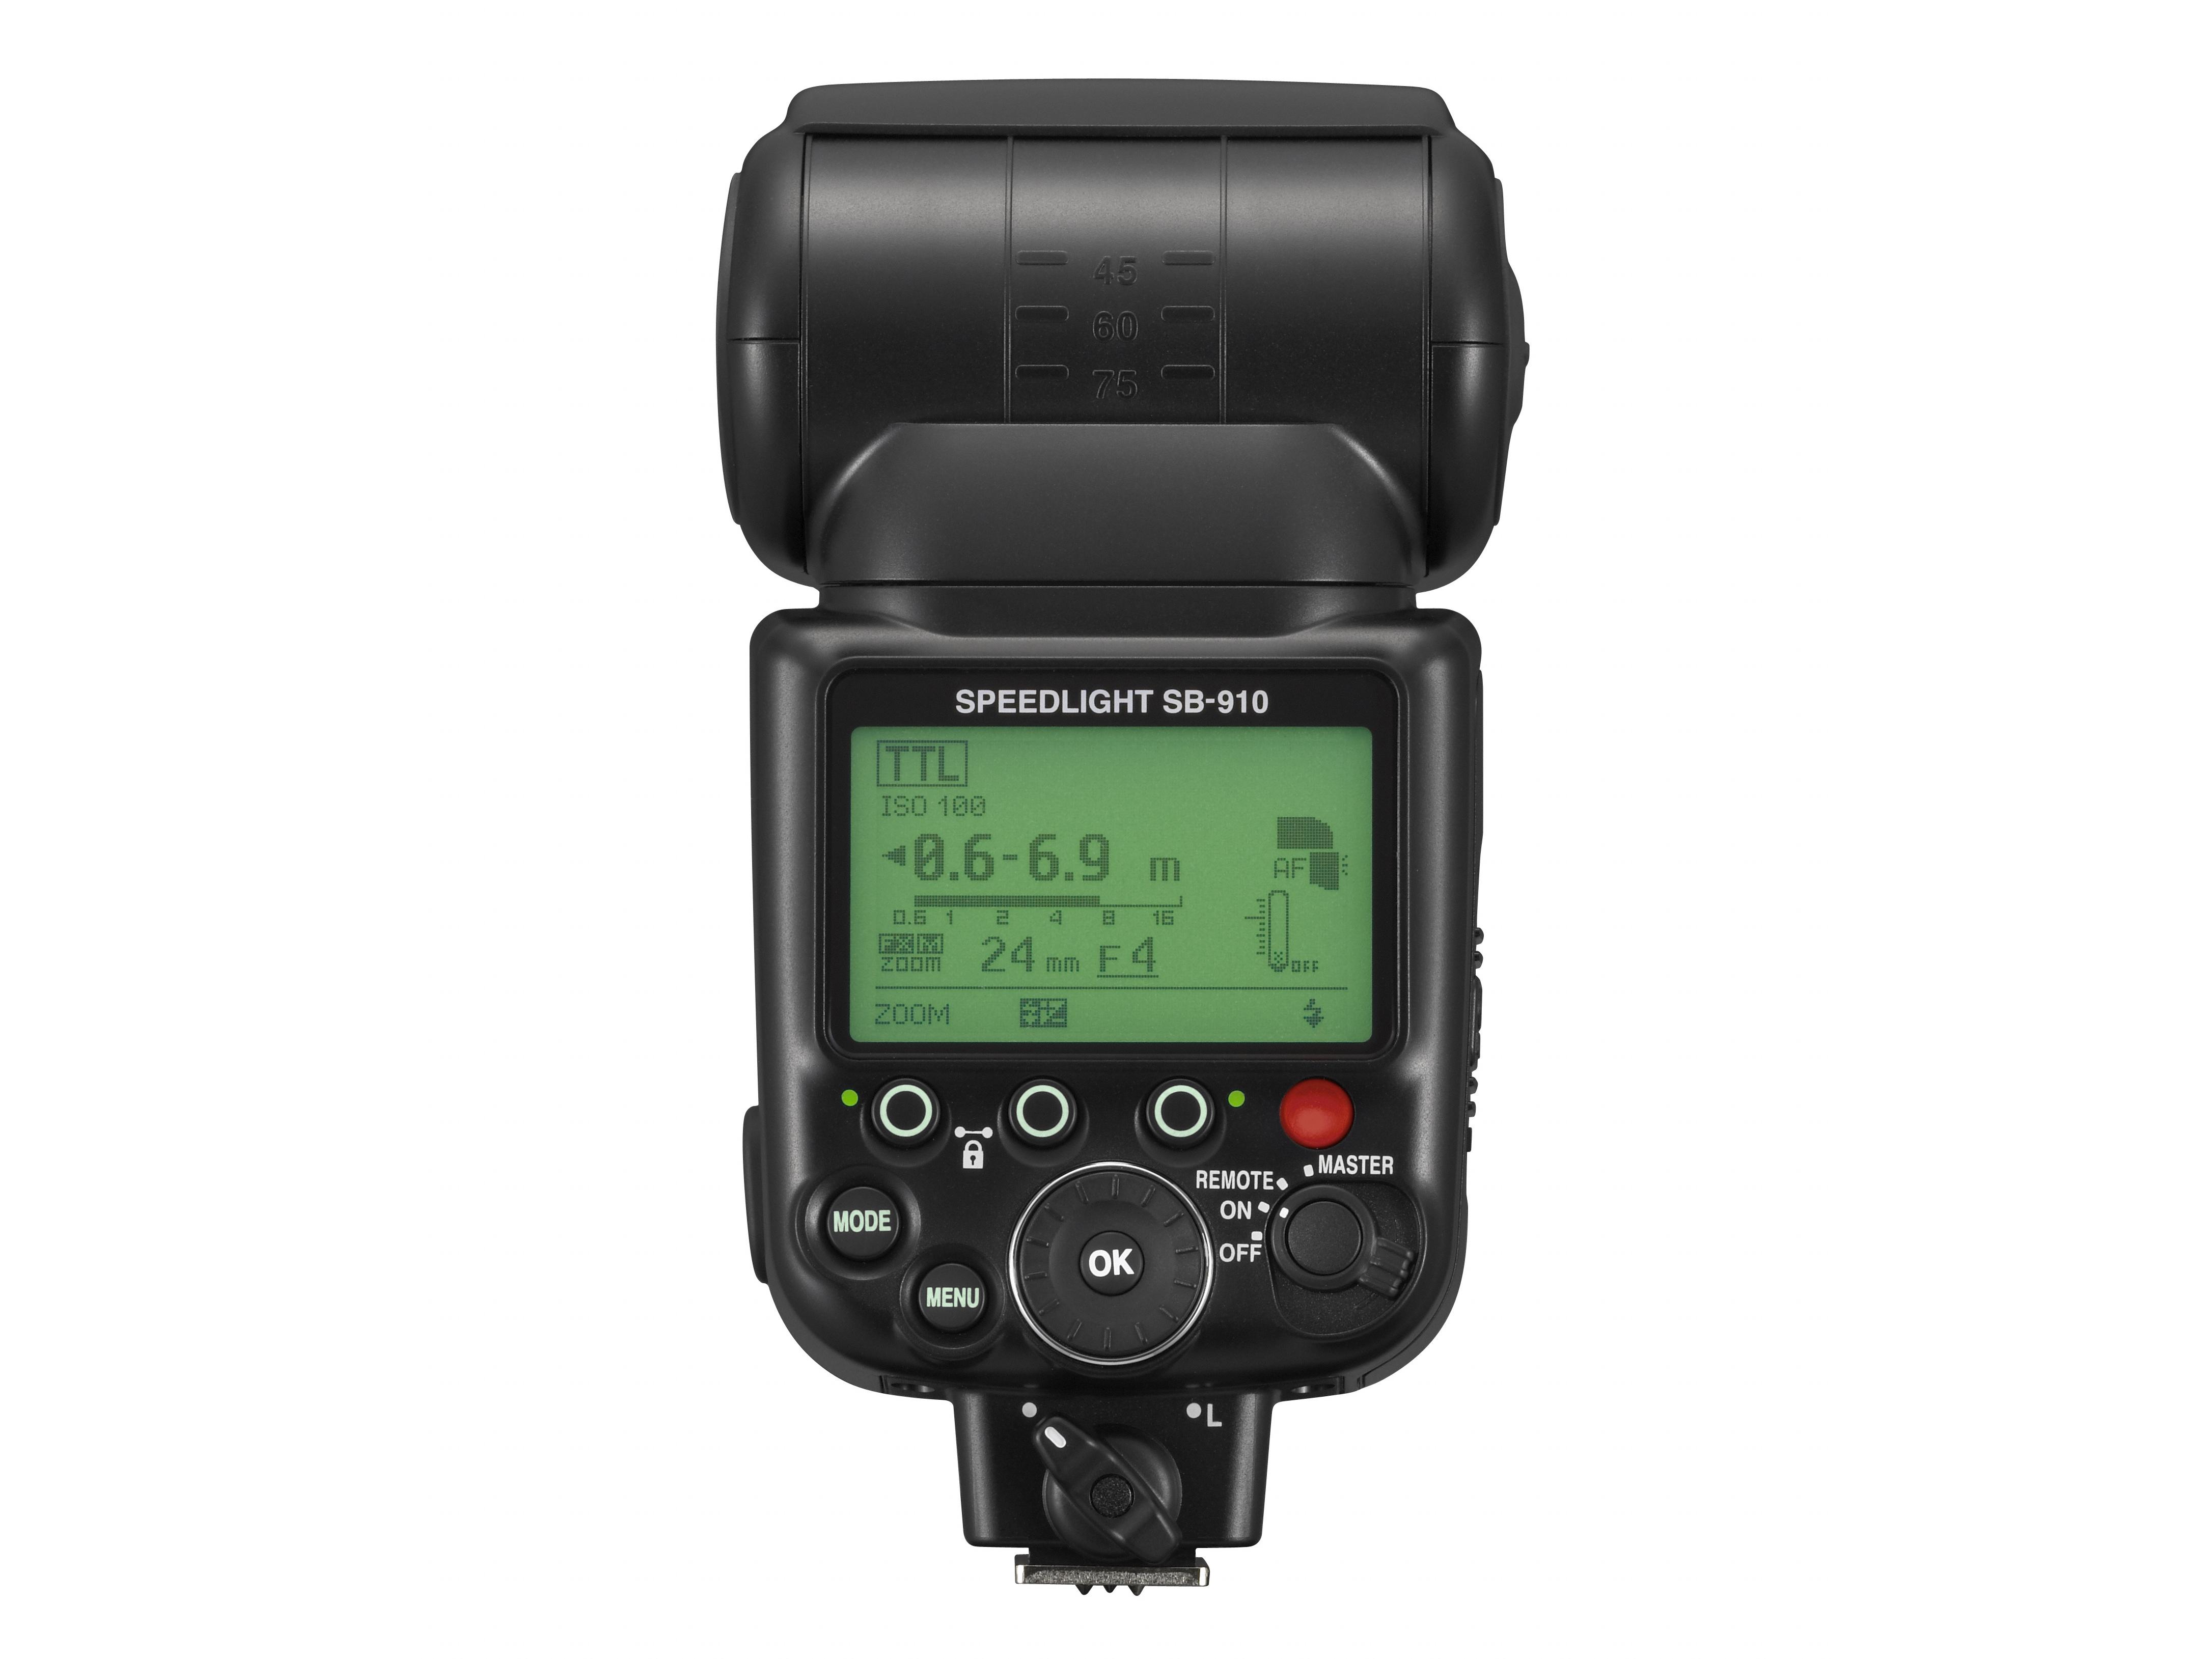 News new nikon sb910 speedlight announced fstoppers preorder nikon new speedlight baditri Images